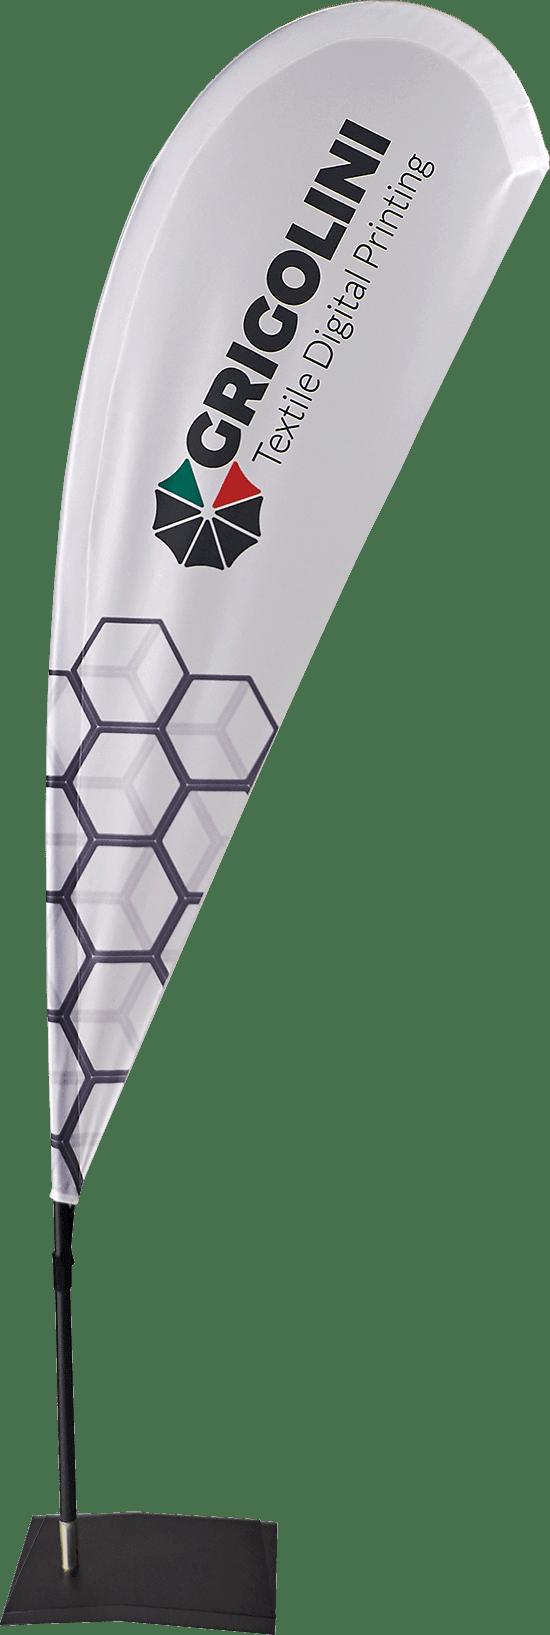 Bandiera modello Flying Goccia disponibile in varie misure